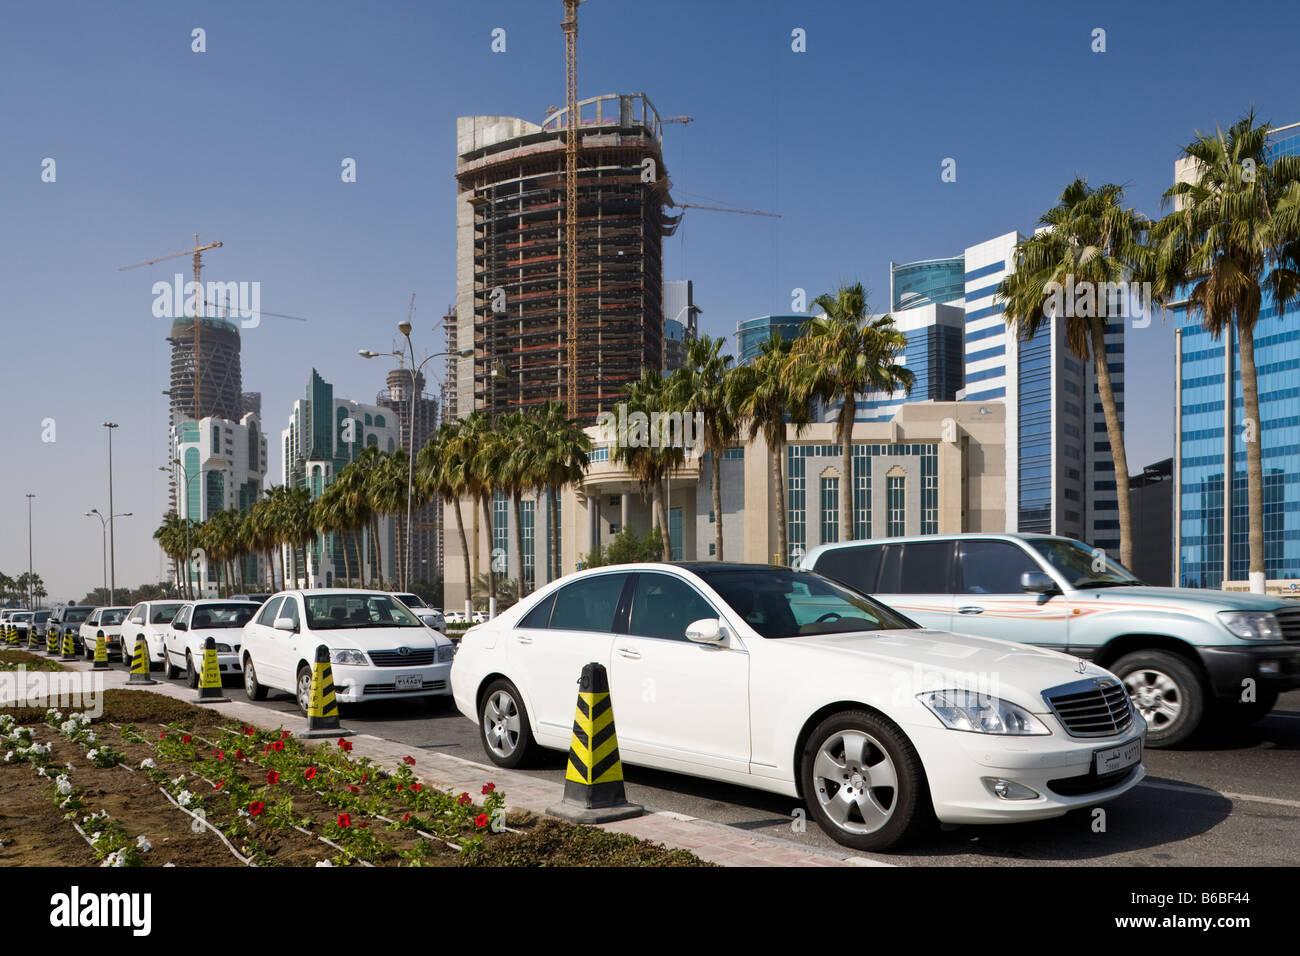 El tráfico y la construcción de edificios gigantescos en Doha, Qatar Imagen De Stock